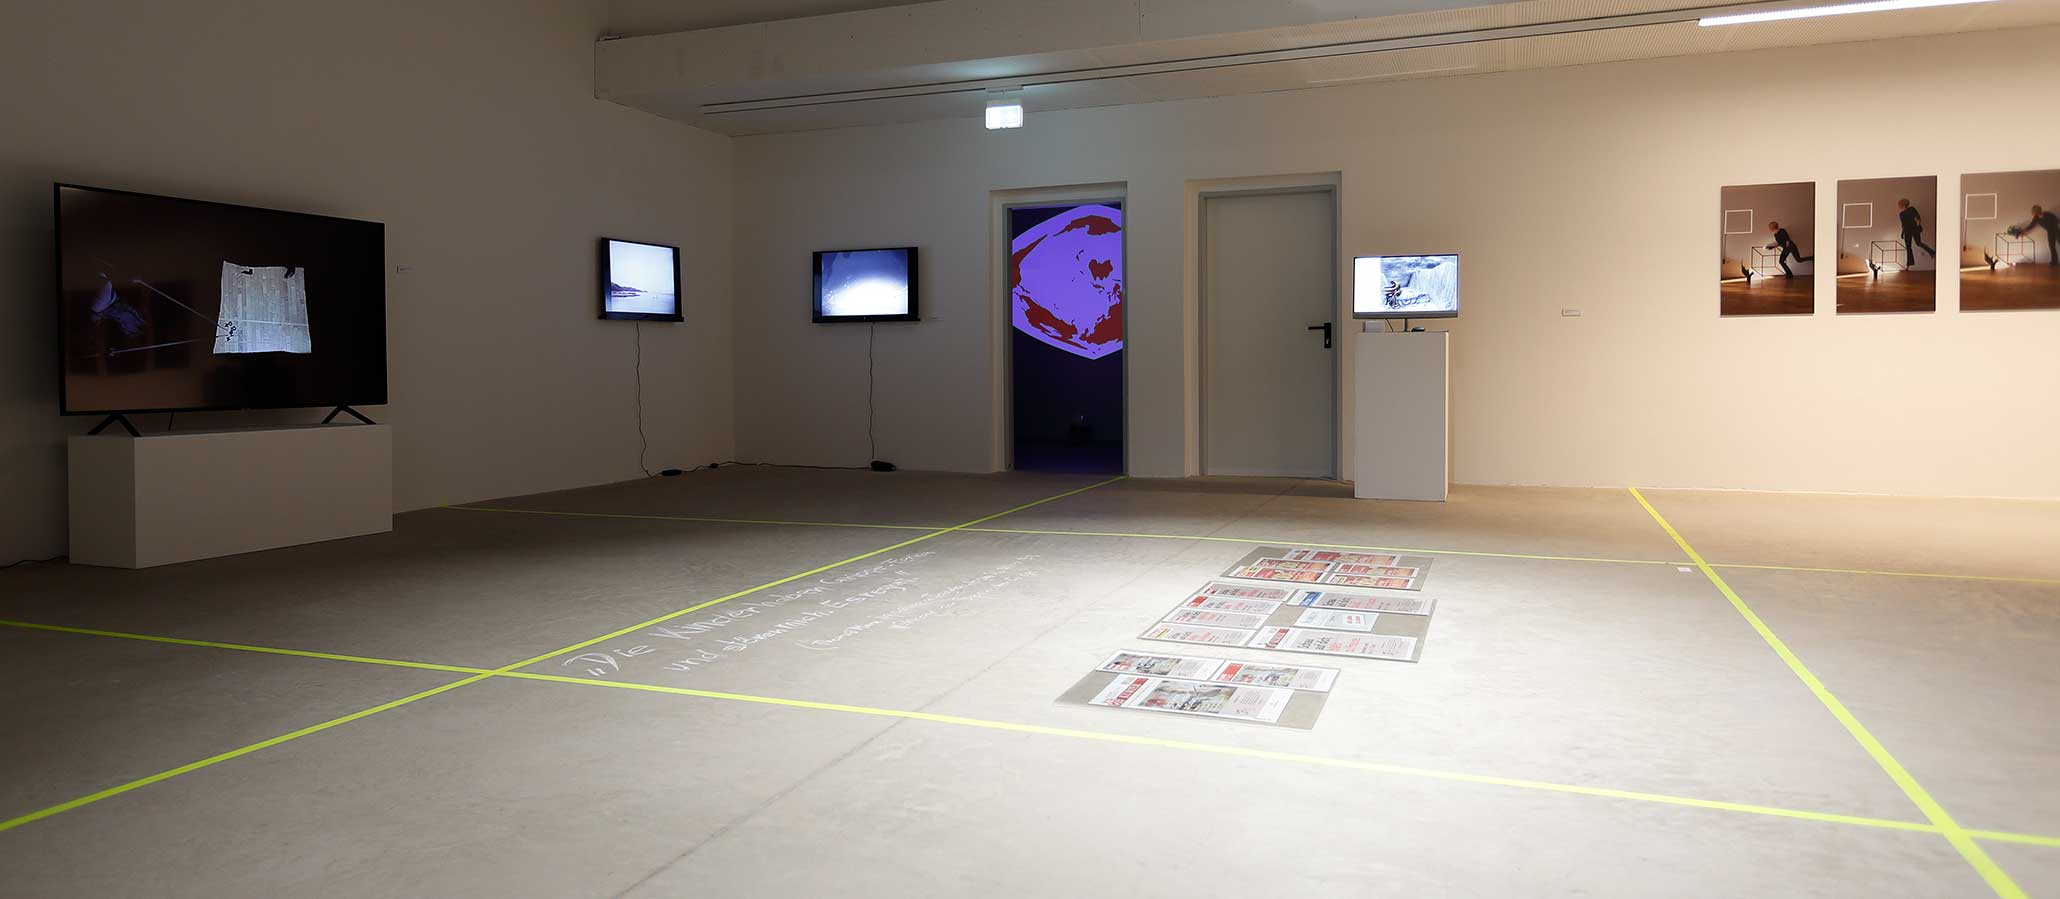 Badeverbot Welle 3, Schaumbad - Freies Atelierhaus Graz, 24.9. - 18.10.2020.